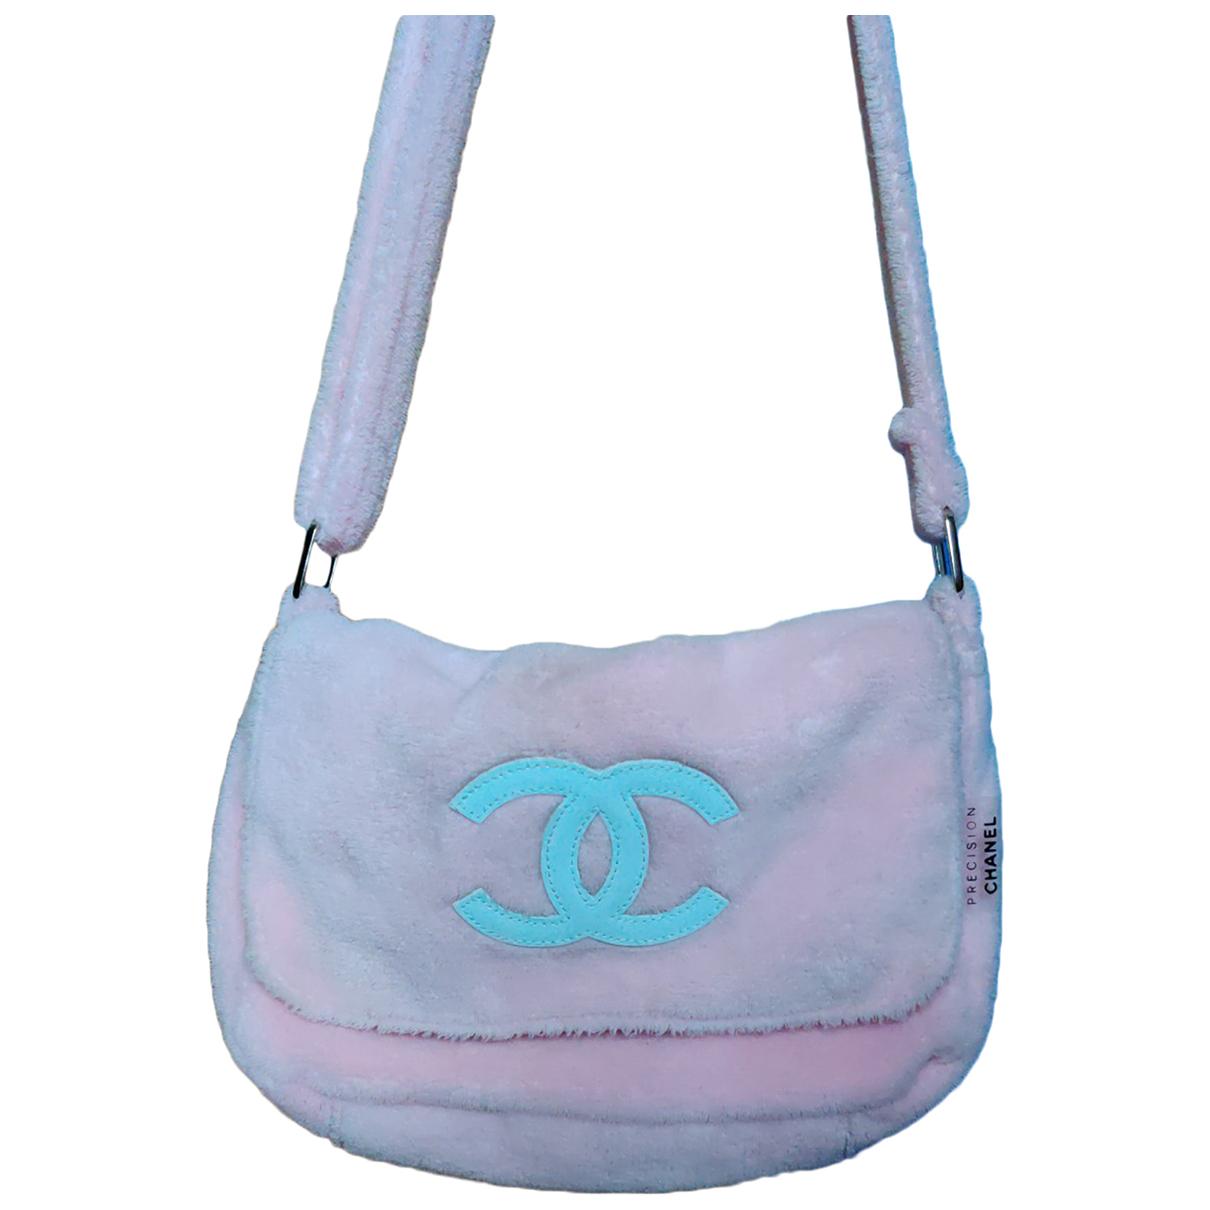 Chanel - Sac a main   pour femme en toile - rose